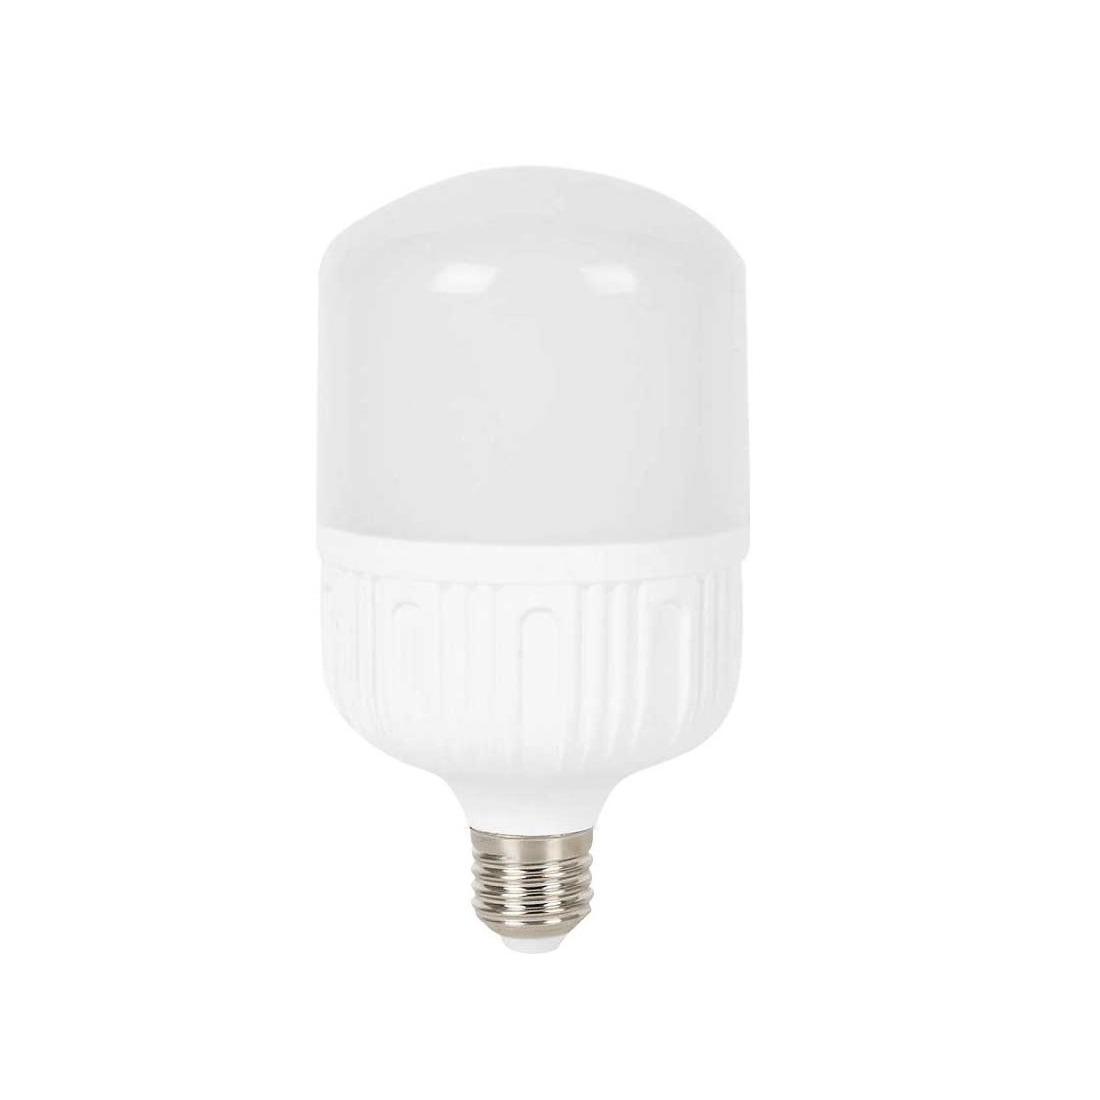 FORLIFE FL-1247 - 28 Watt LED Torch Ampul